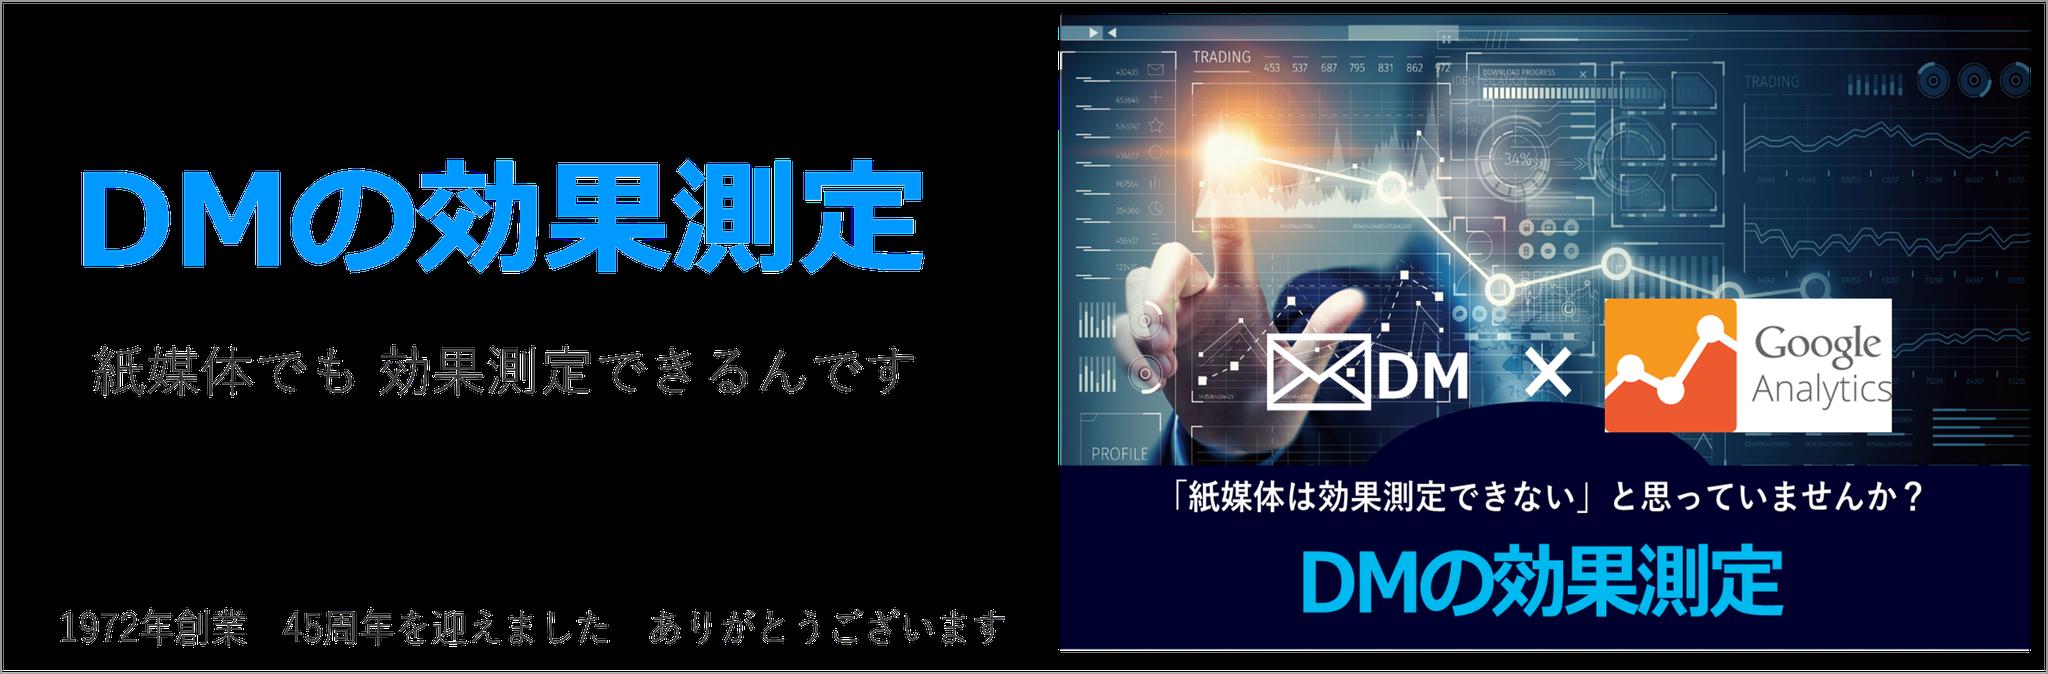 DMでQRコードを使った効果測定が可能です!詳しくはクリック